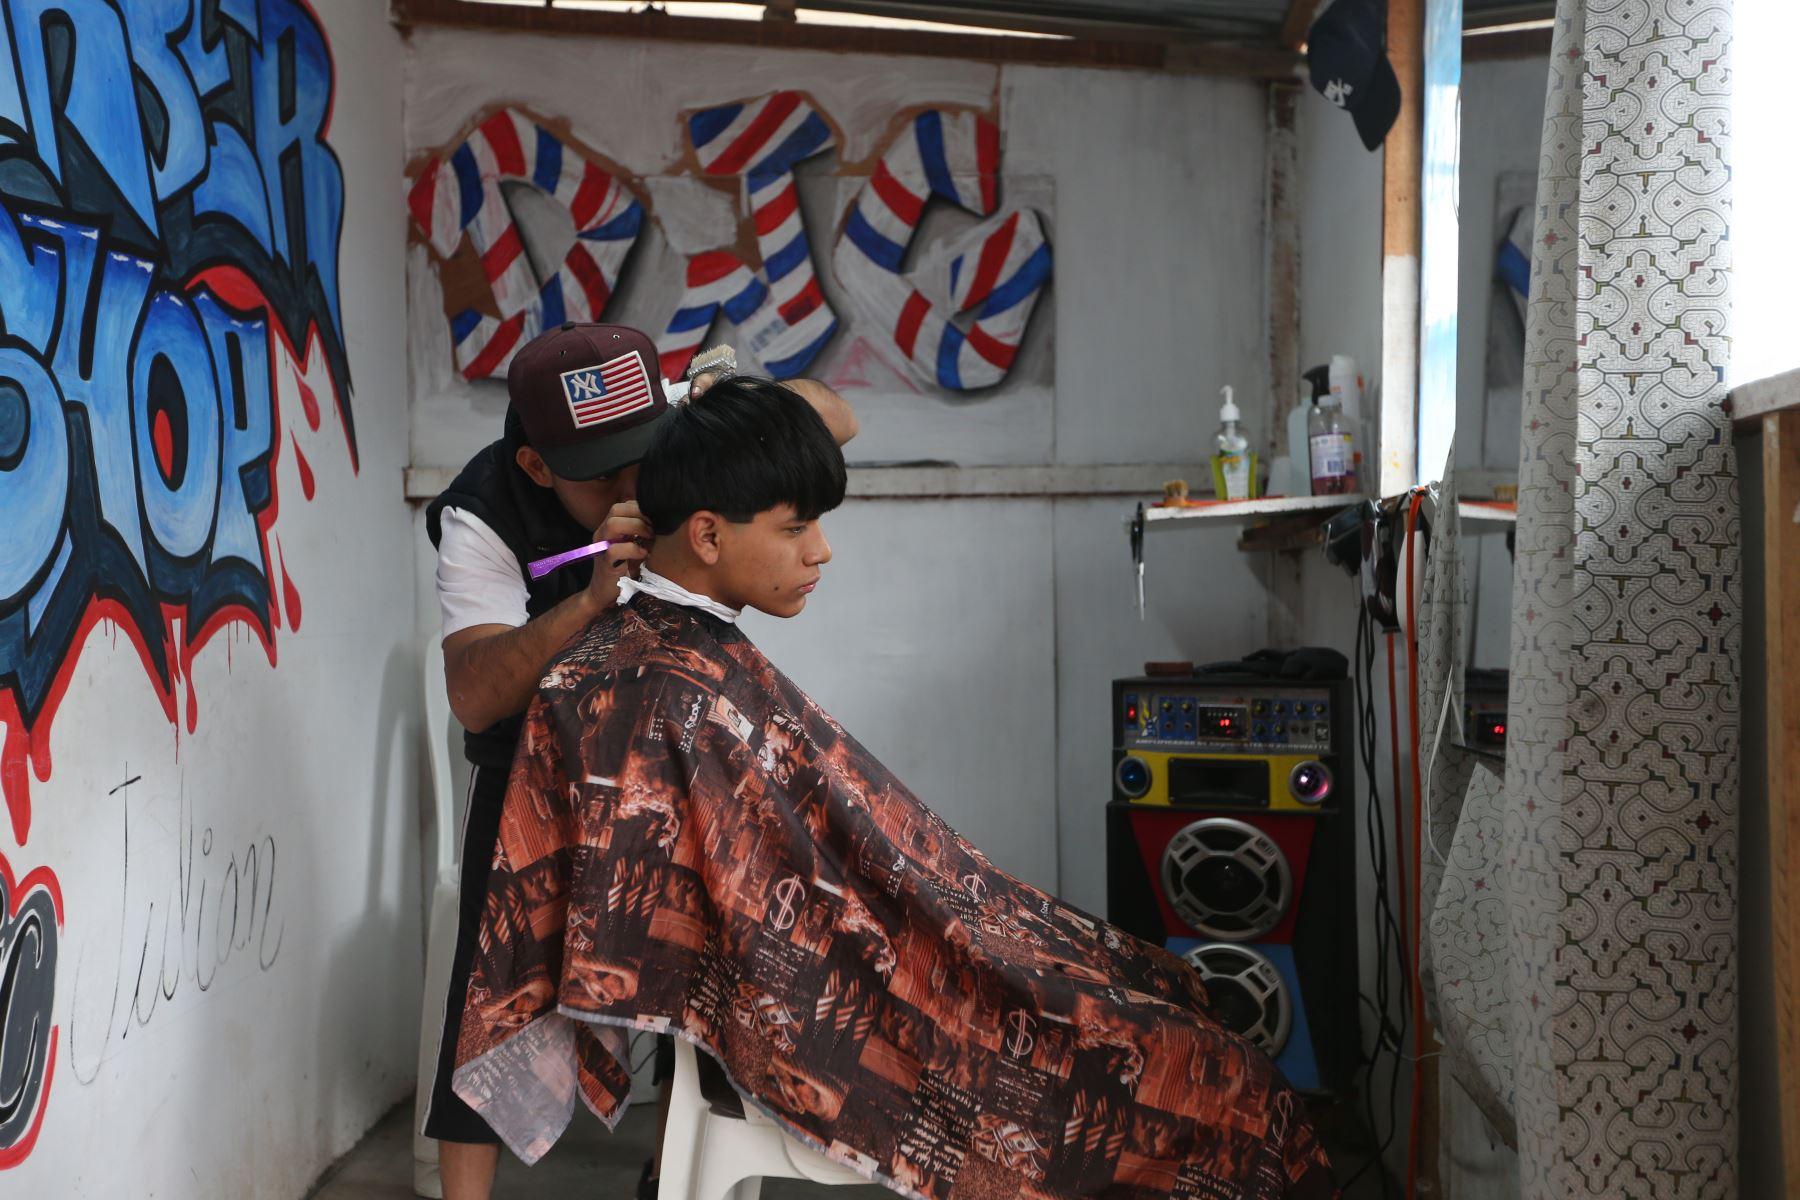 En el marco del Día Internacional de los Pueblos Indígenas, el ministro de Cultura, Alejandro Neyra, visitó la comunidad Shipibo Konibo de Cantagallo, para impulsar al colectivo Shinan Imabo, que agrupa a más de 60 artistas en la venta de artesanías en el portal Ruraq Maki. Foto: ANDINA/Jhonel Rodríguez Robles